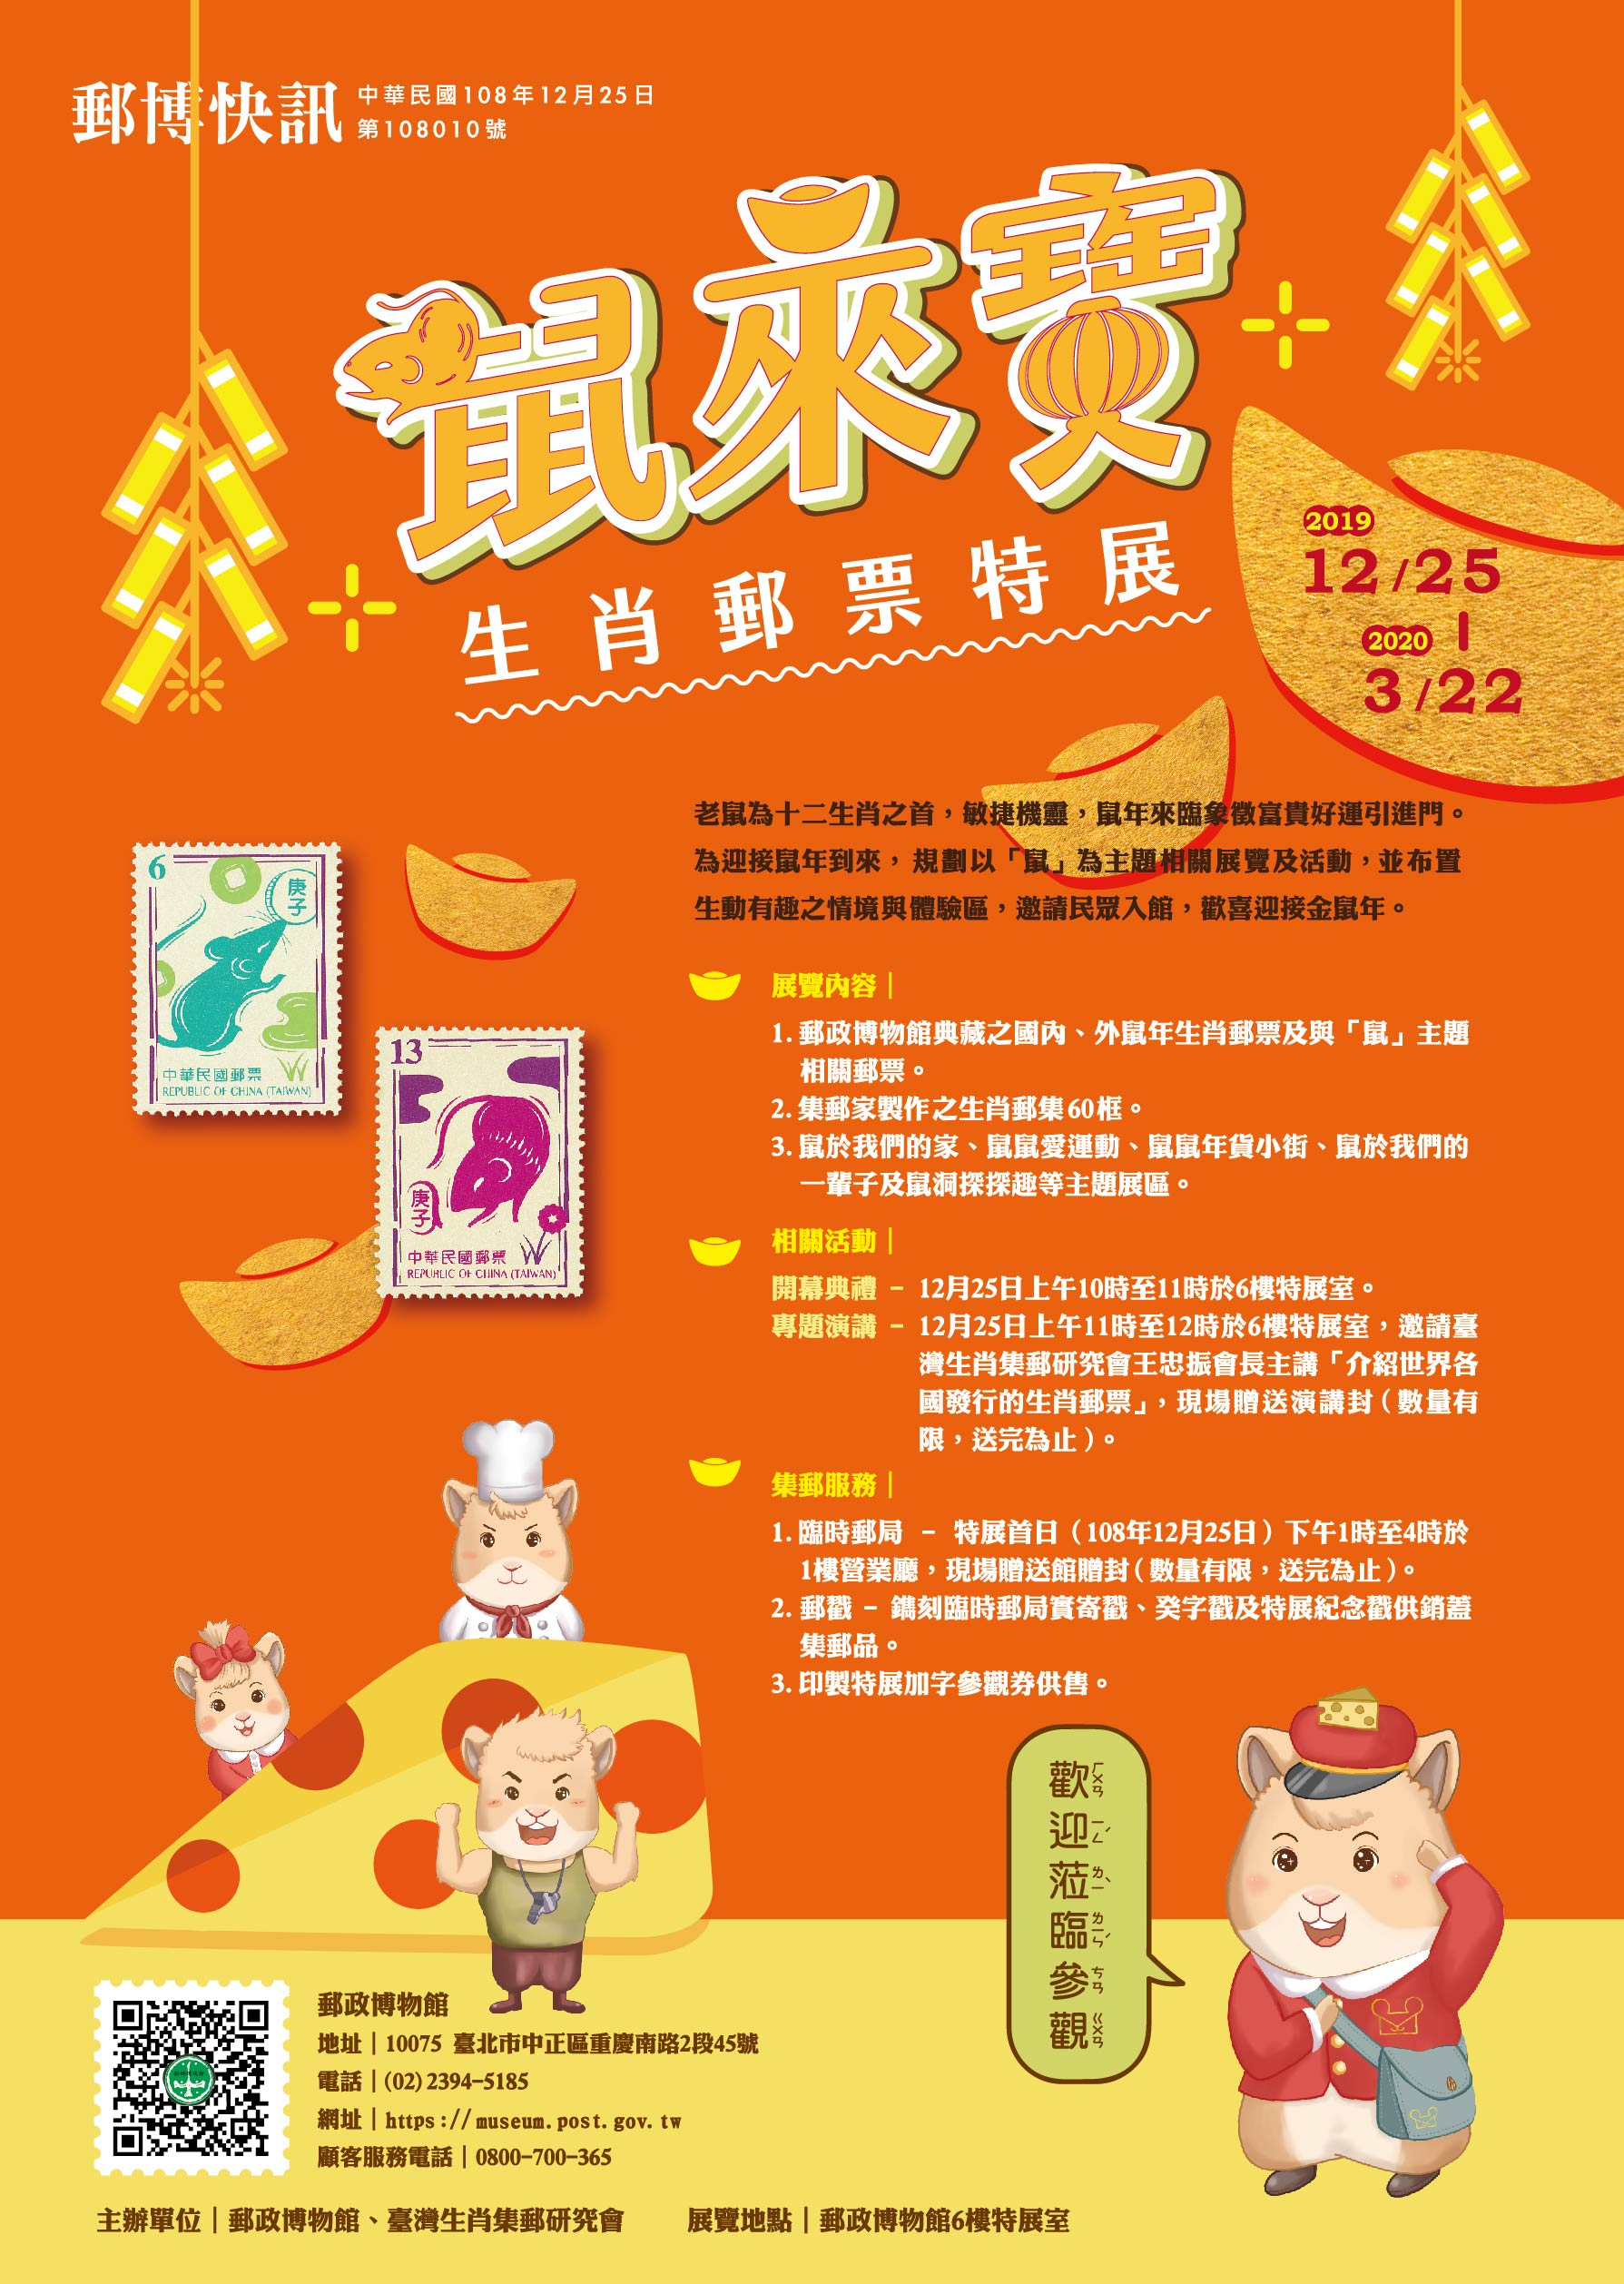 「鼠來寶-生肖郵票特展」郵博快訊